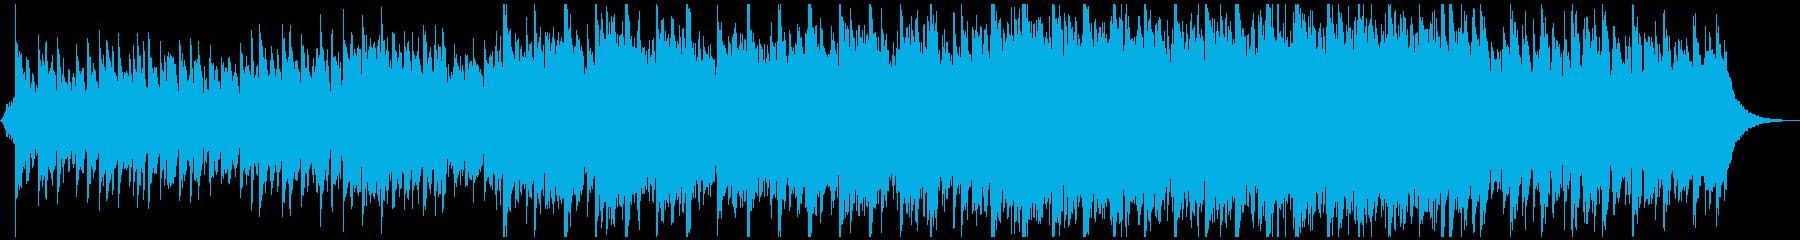 現代の交響曲 広い 壮大 感情的 ...の再生済みの波形